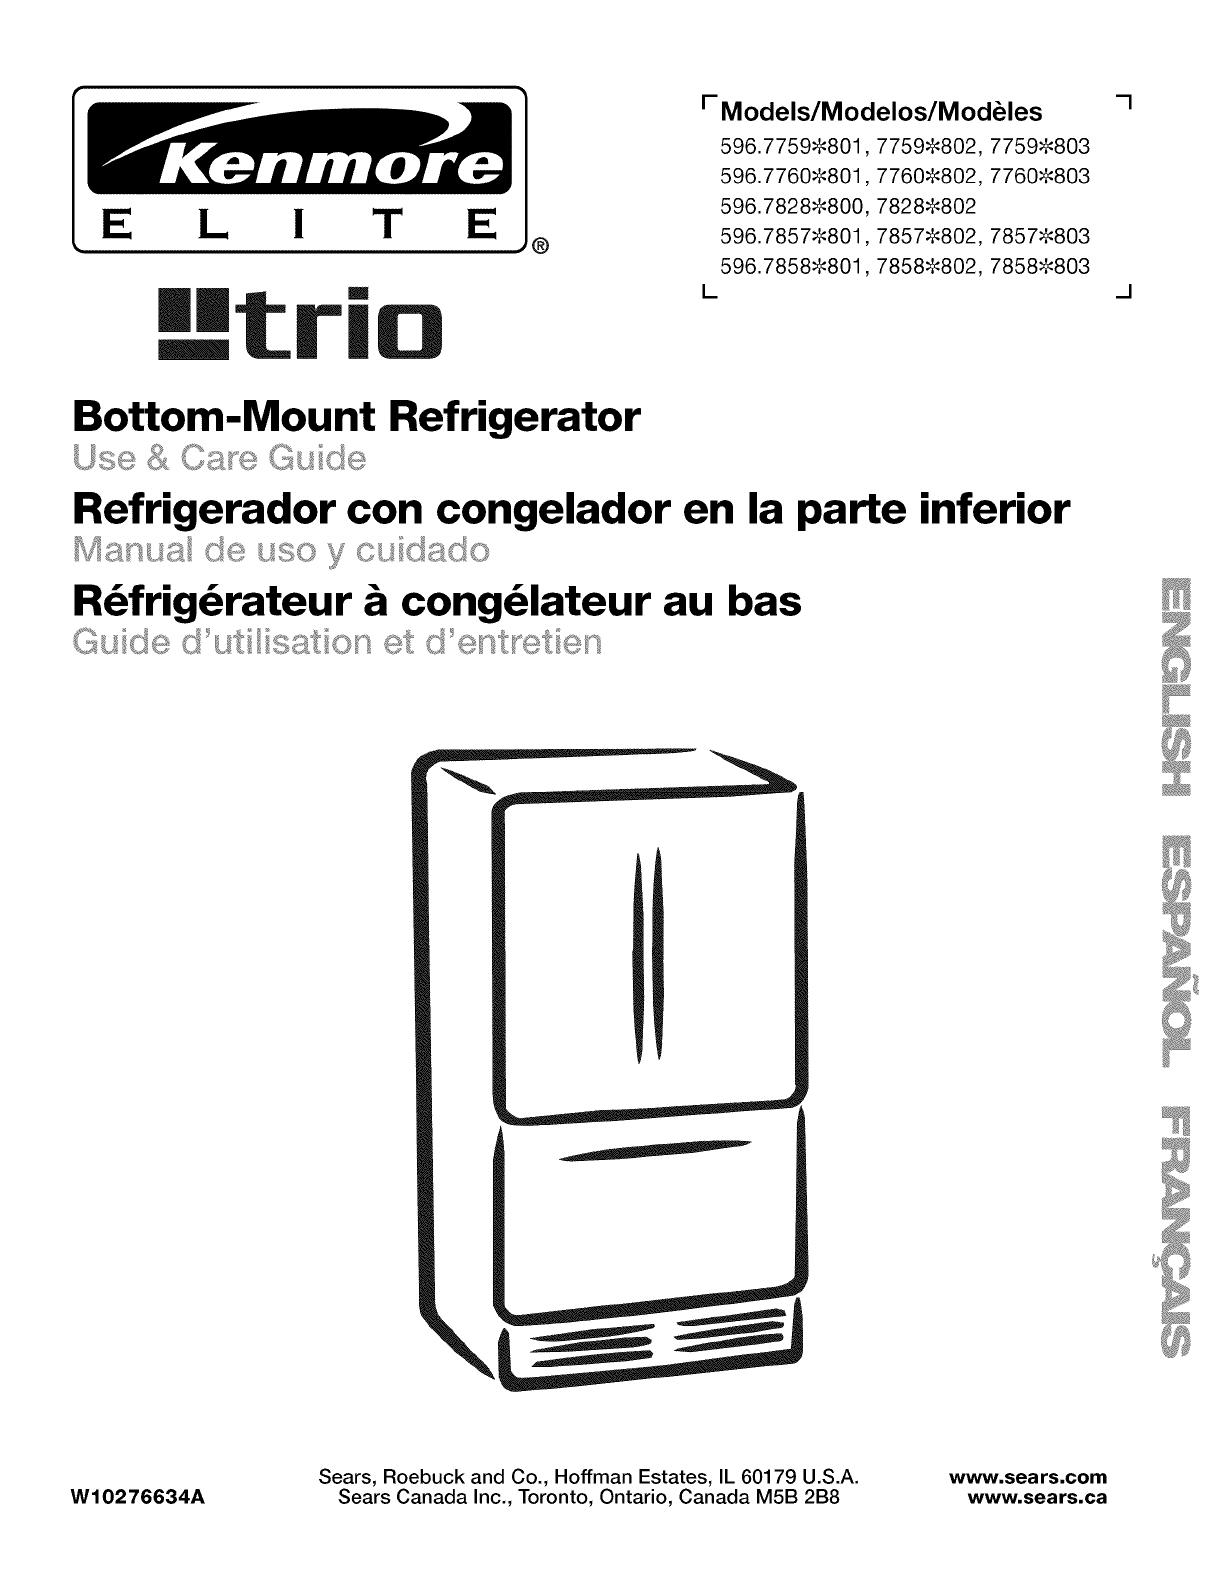 Kenmore réfrigérateur eau branchement